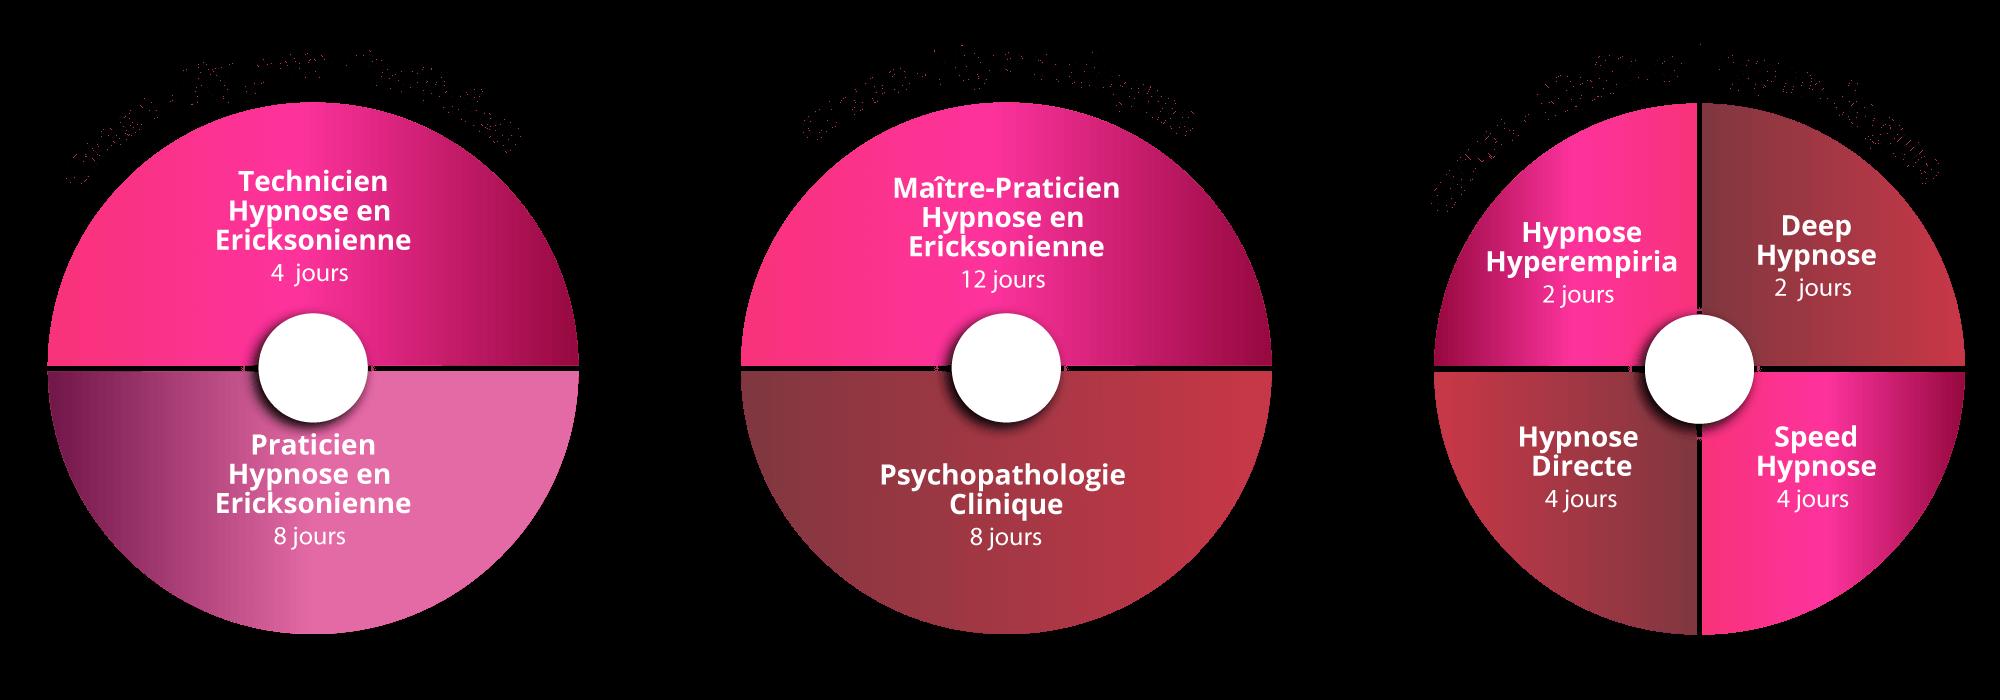 Cycle de Formation Hypnose